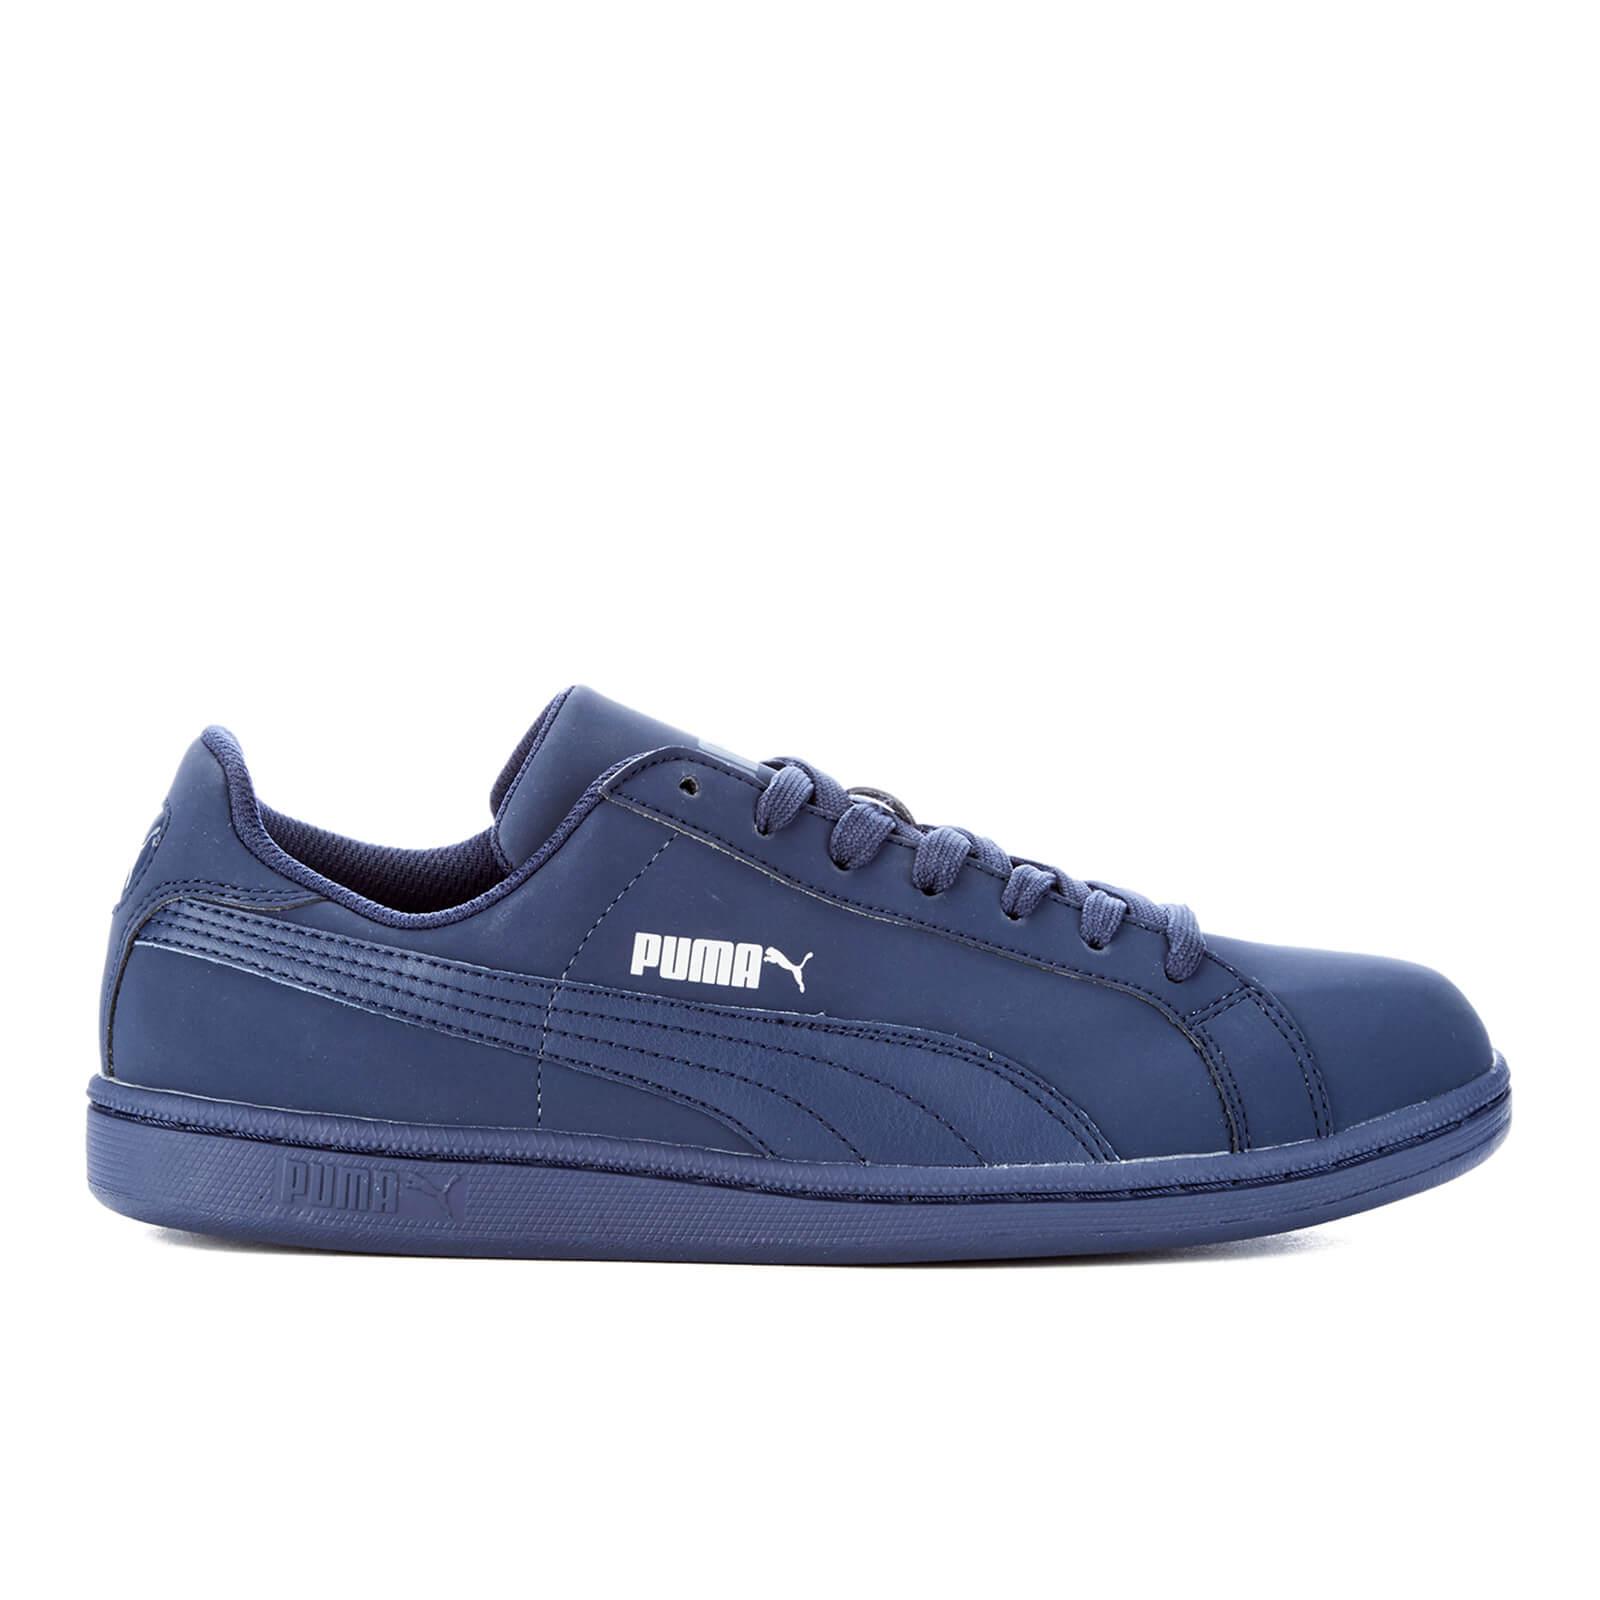 e0a2de482ea Puma Men s Smash Buck Trainers - Navy Mens Footwear